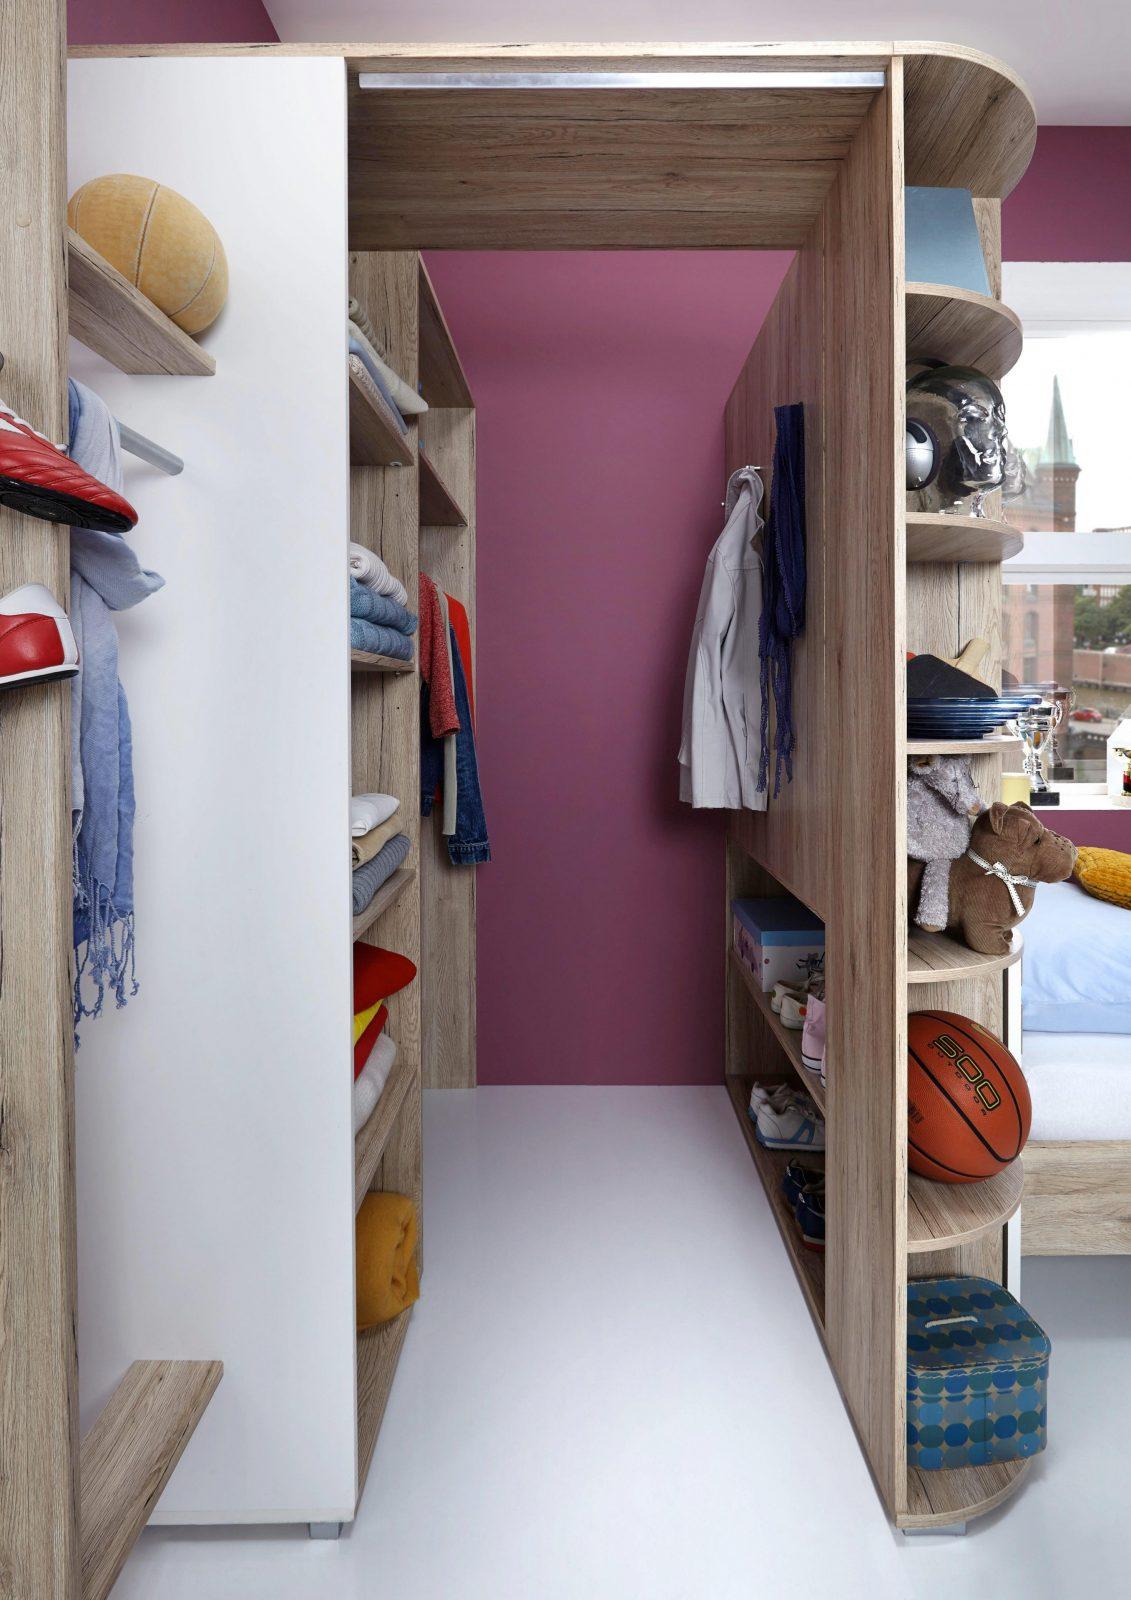 Begehbare Kleiderschränke Online Bestellen Xxxlutz von Jugendzimmer Mit Begehbarem Schrank Photo